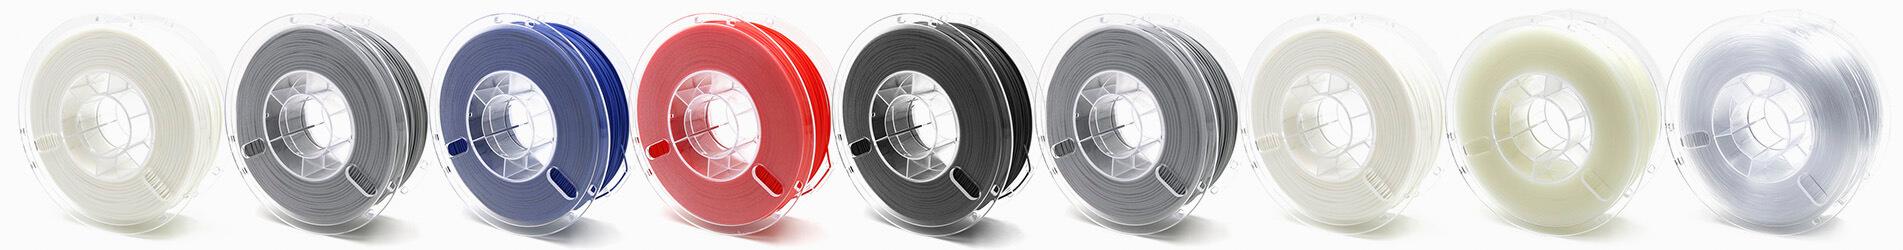 FDM 3D打印耗材|3D打印材料|PLA|ABS|TPU|PC|PETG